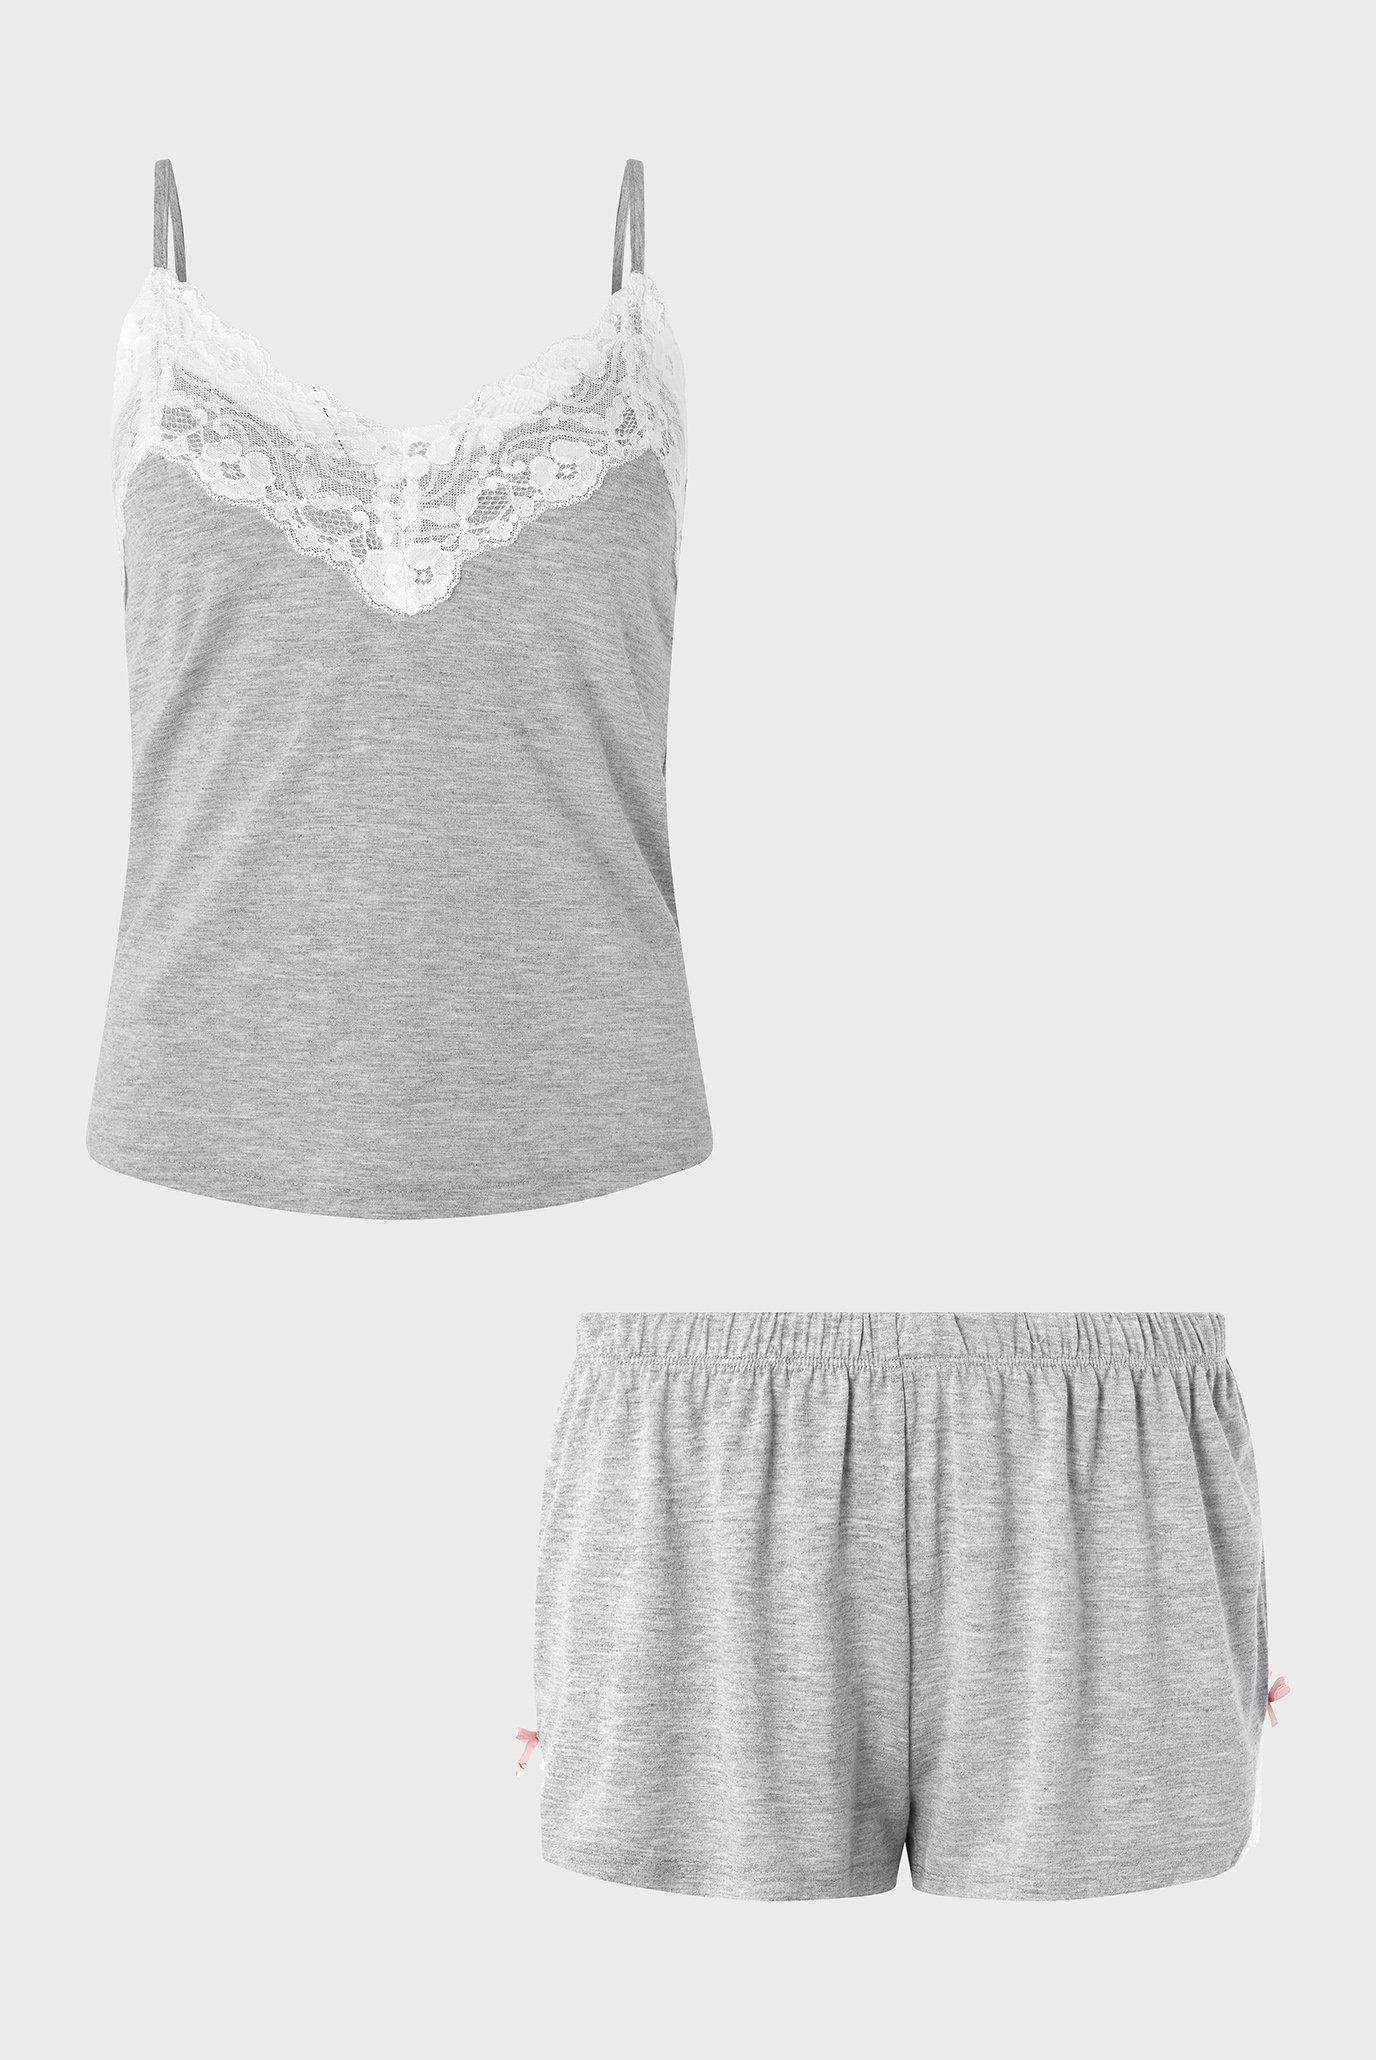 Женская серая пижама (топ, шорты) Teya Plain Vest Accessorize